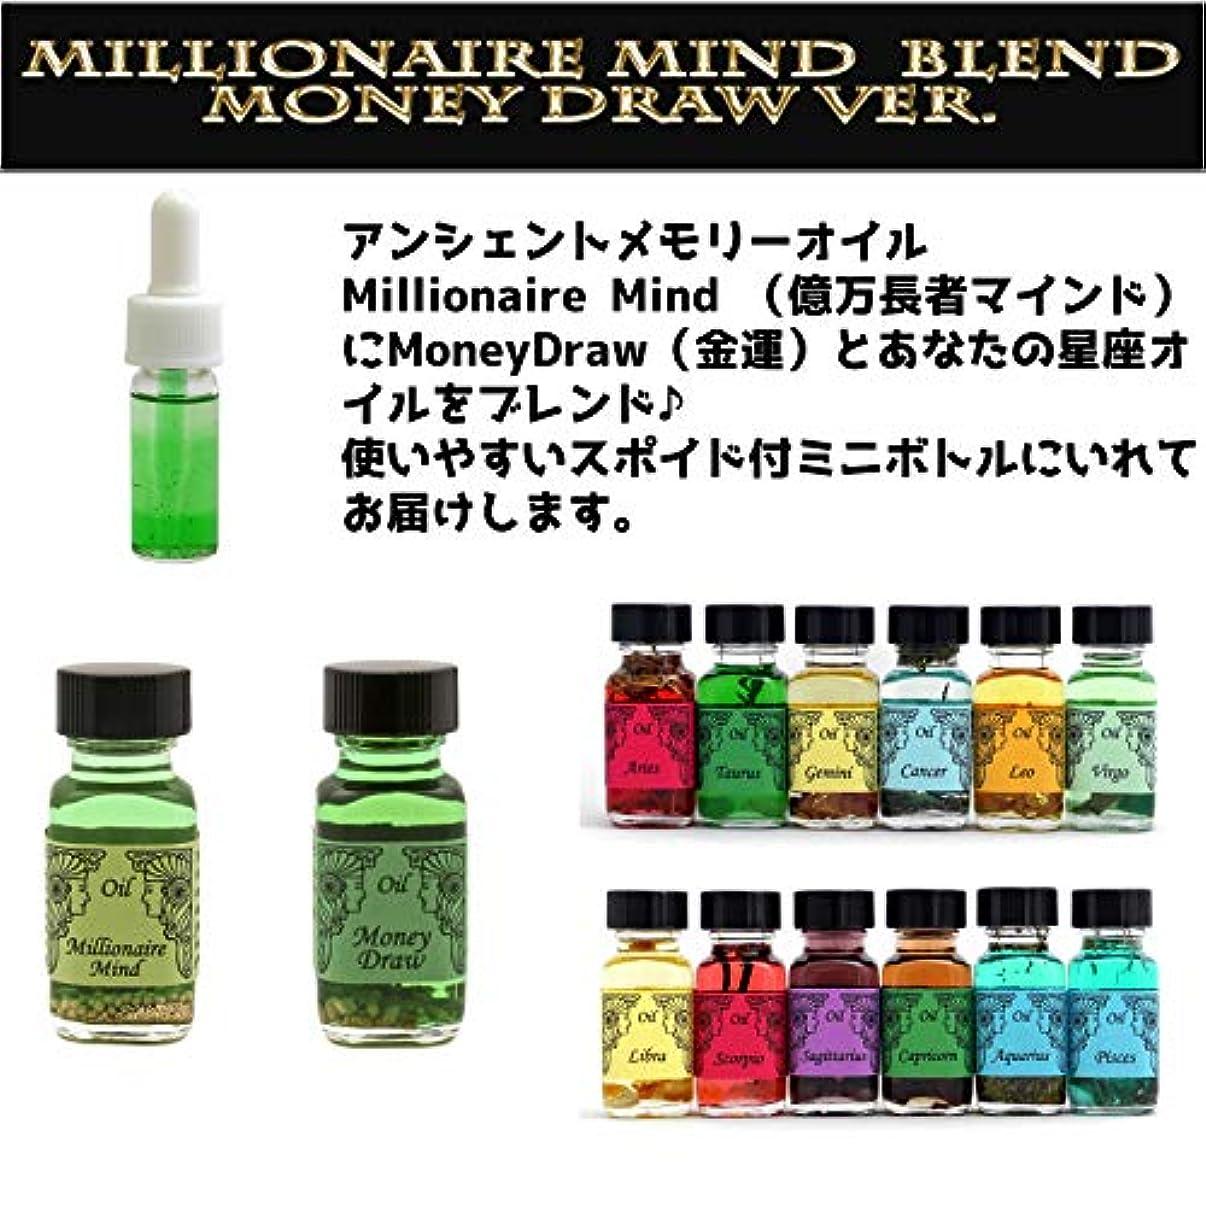 行進誠意代わりのアンシェントメモリーオイル Millionaire Mind 億万長者マインド ブレンド(Money Drawマネードロー(金運)&みずがめ座